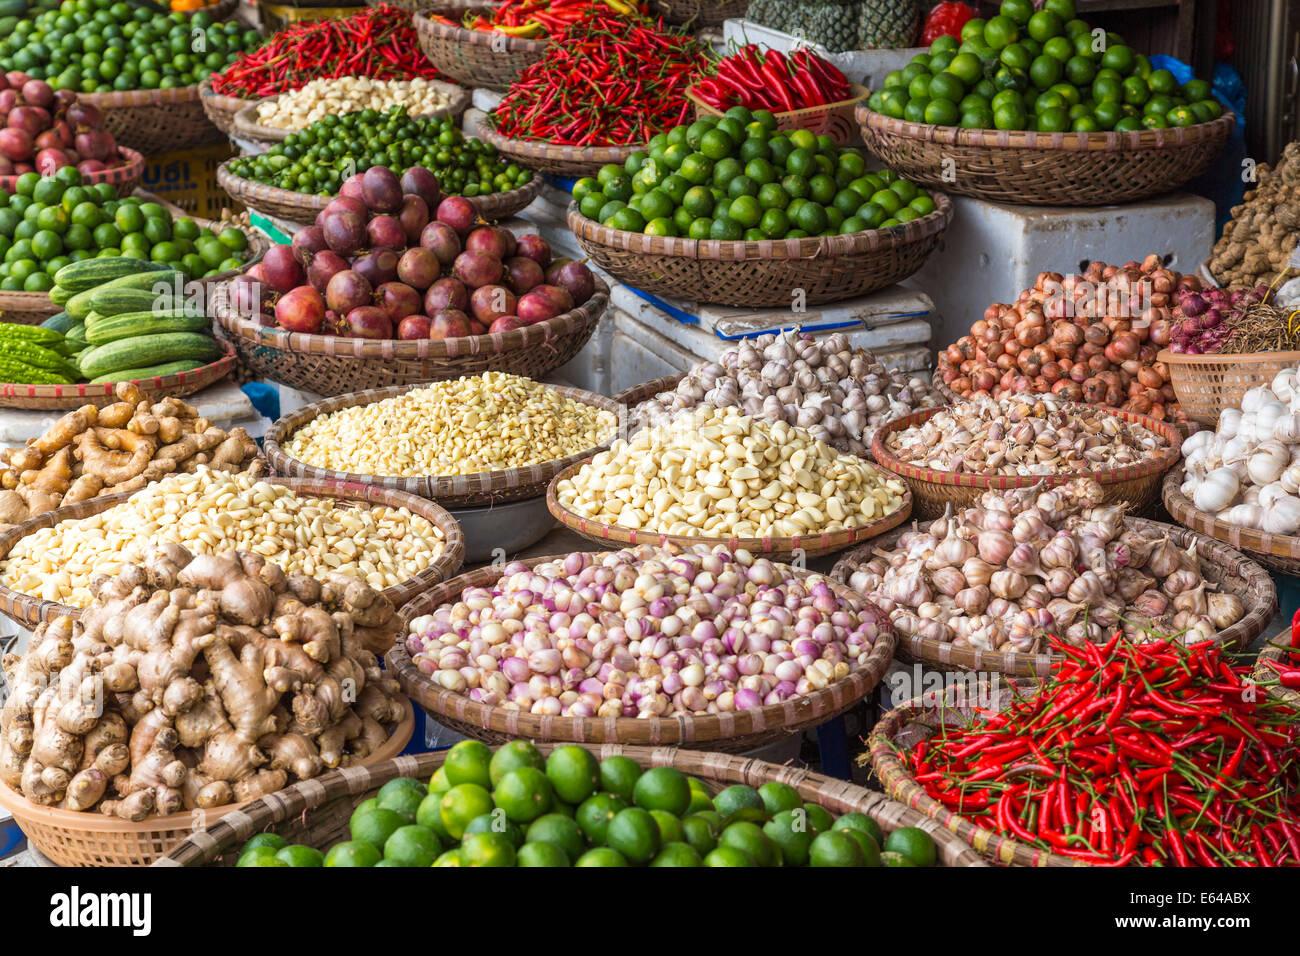 Gemüse Stall im Markt, Hanoi, Vietnam Stockbild